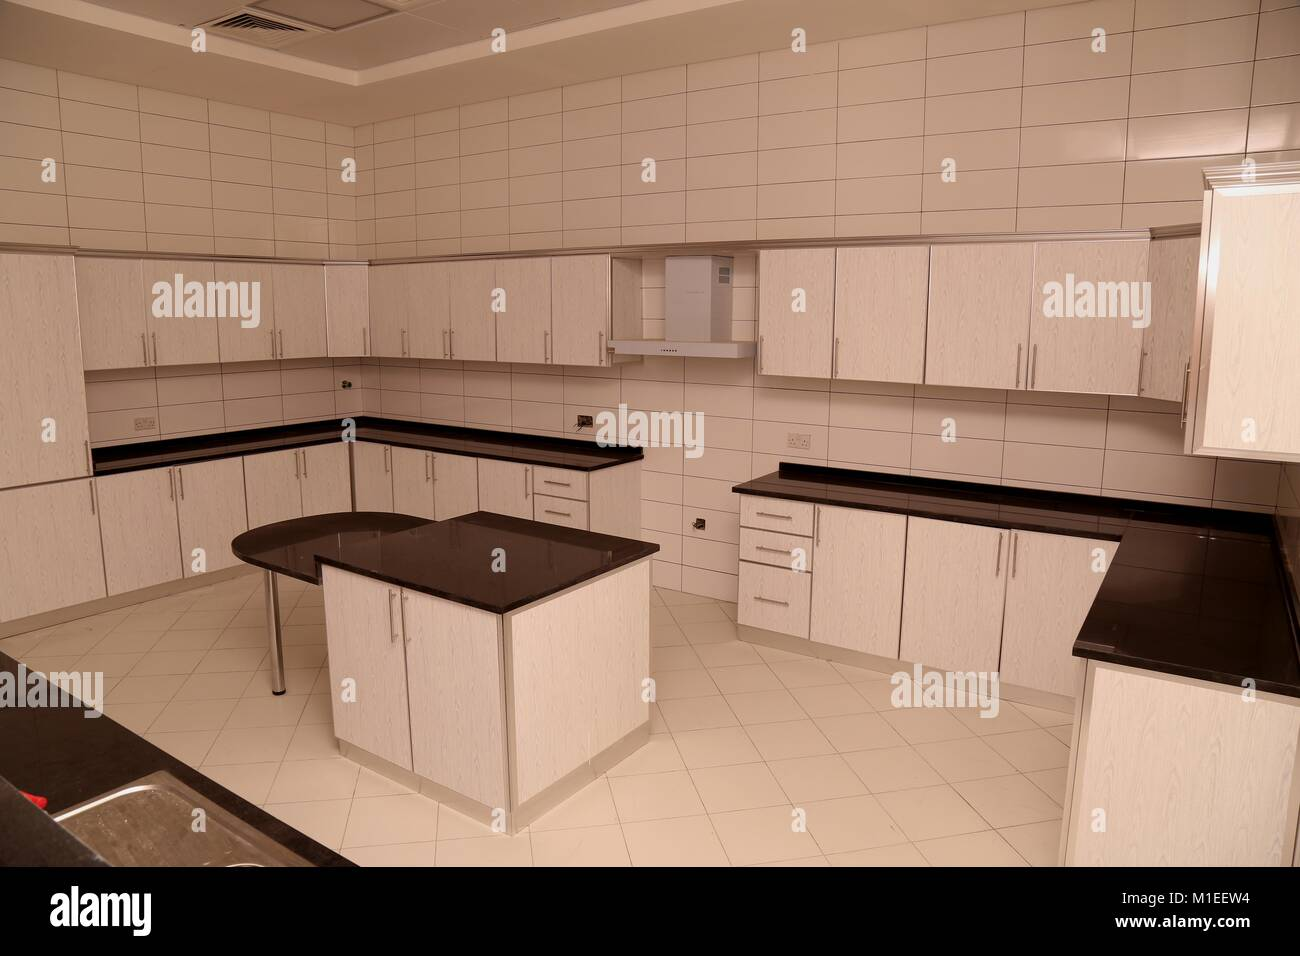 Moderne Küche mit weißer Farbe Küche Schrankwand und Base Units ...